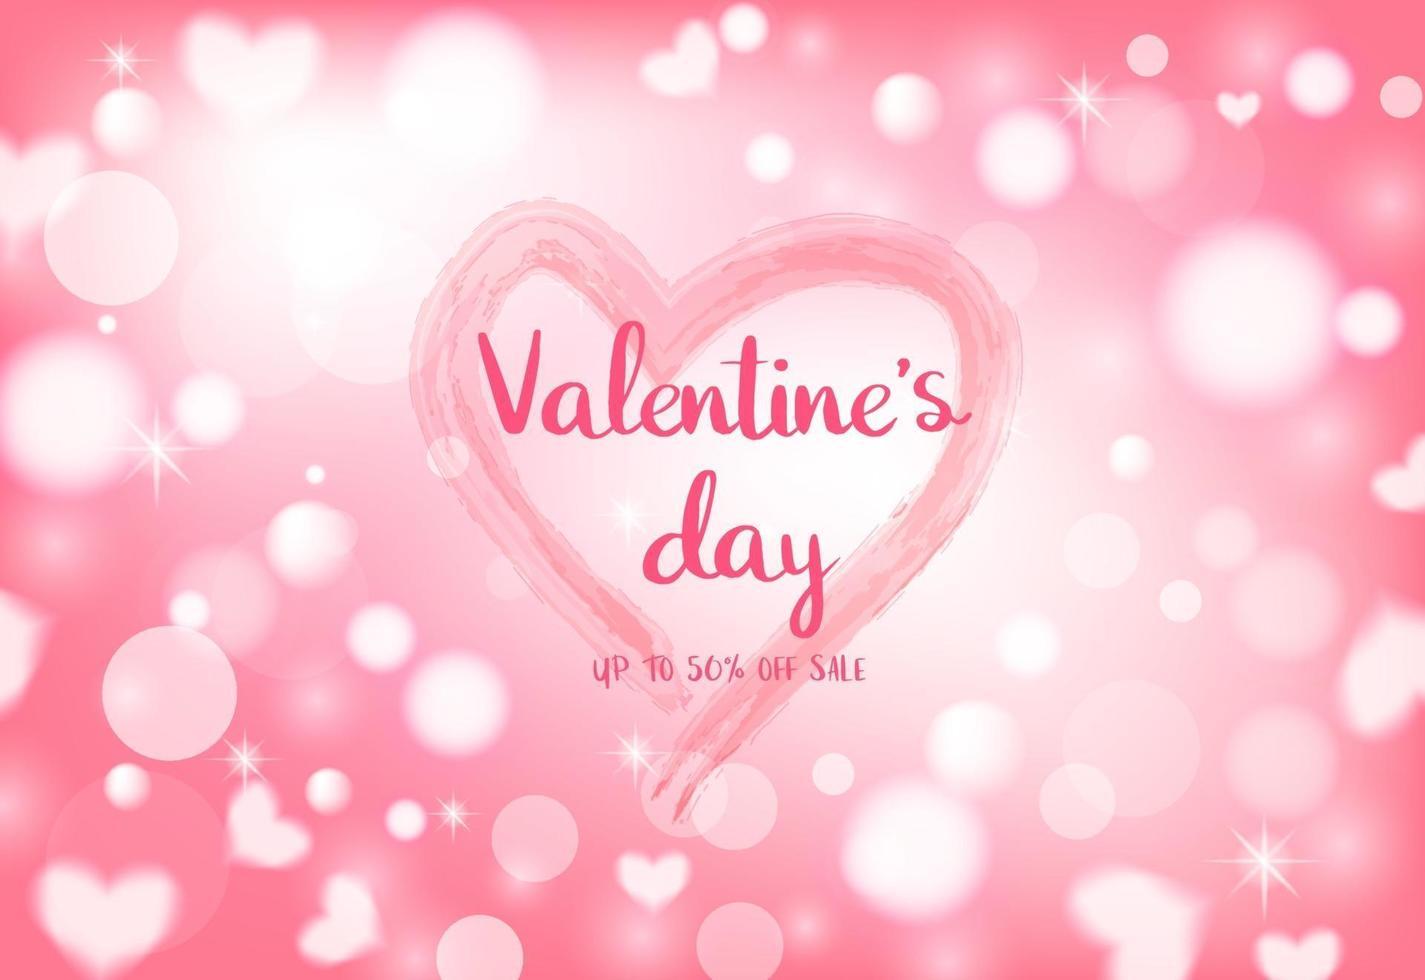 14 febbraio celebrazione di San Valentino su sfondo bokeh di cuore leggero. vettore